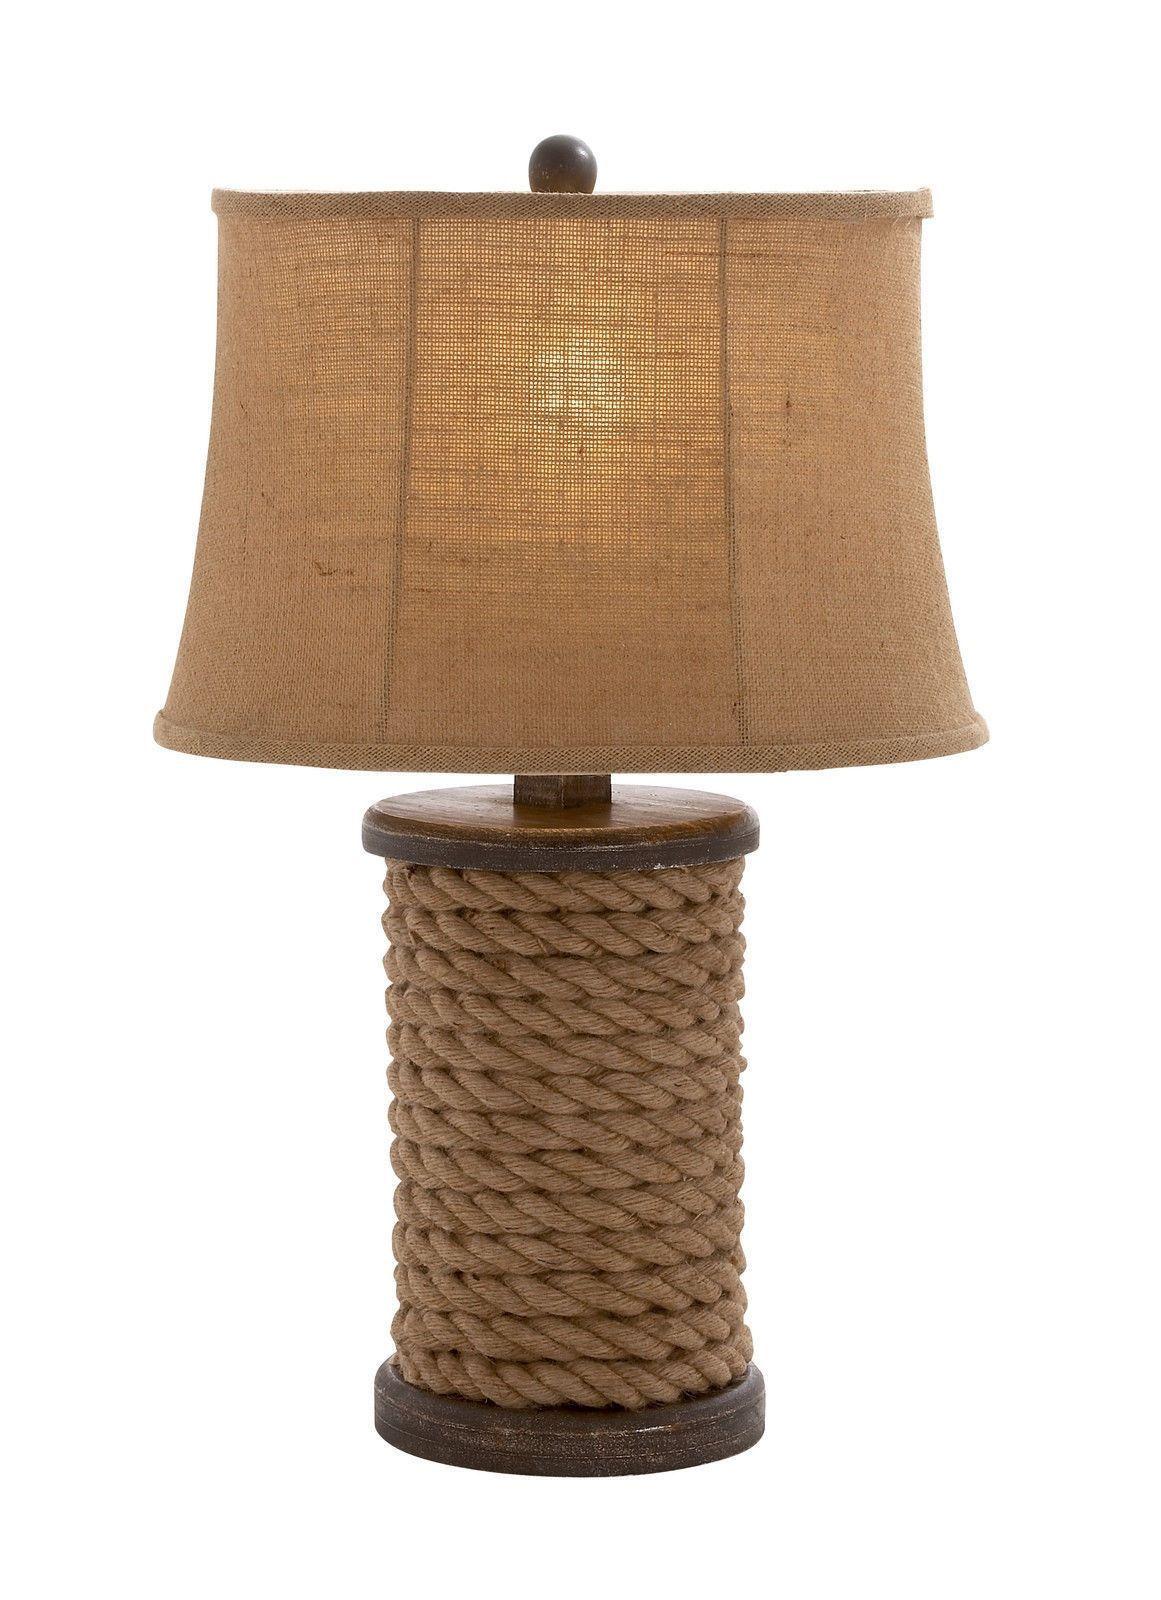 Rustic Nautical Rope Wood Table Lamp Ocean Pirate Sailor Sea Home